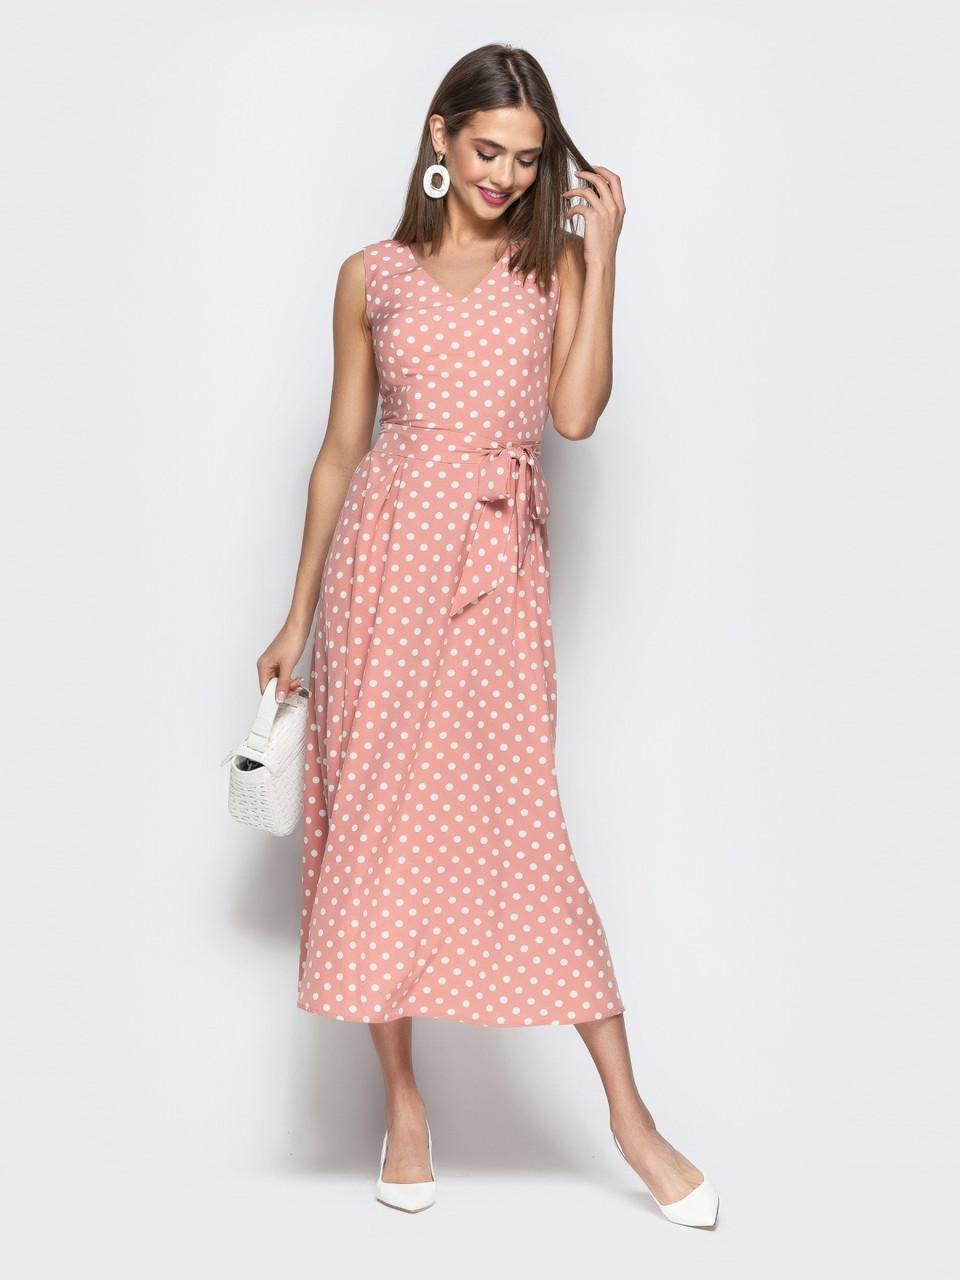 bc2d1a249f2 Романтичное женское платье в ретро стиле в горошек р.44